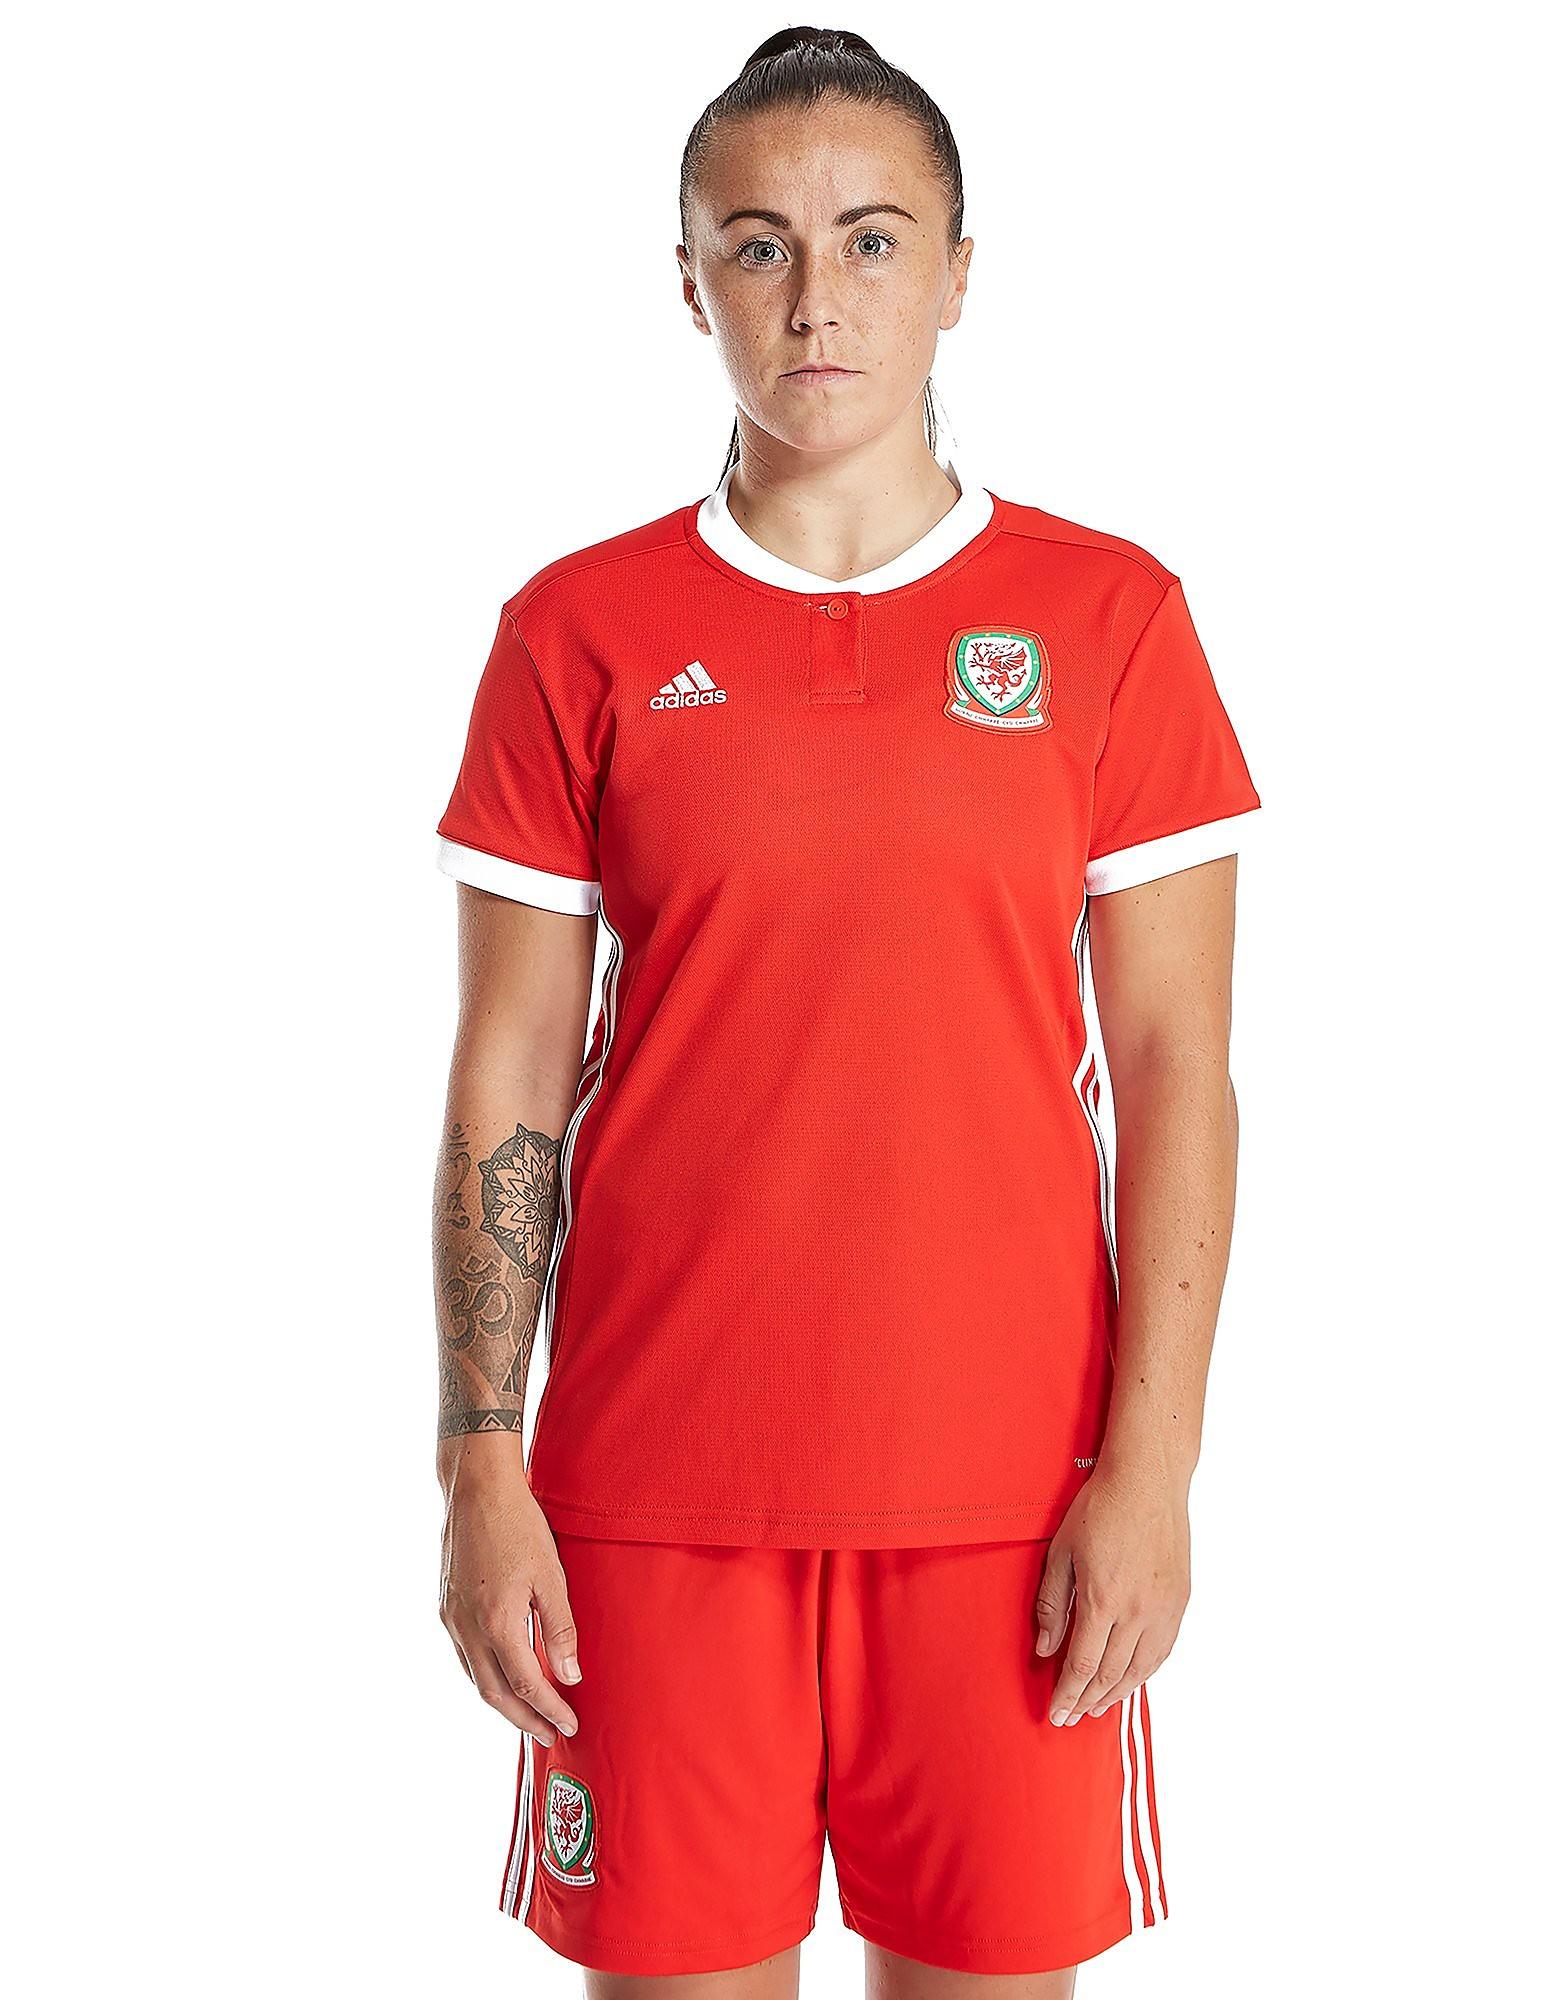 adidas camiseta Gales 2017/18 1.ª equipación para mujer